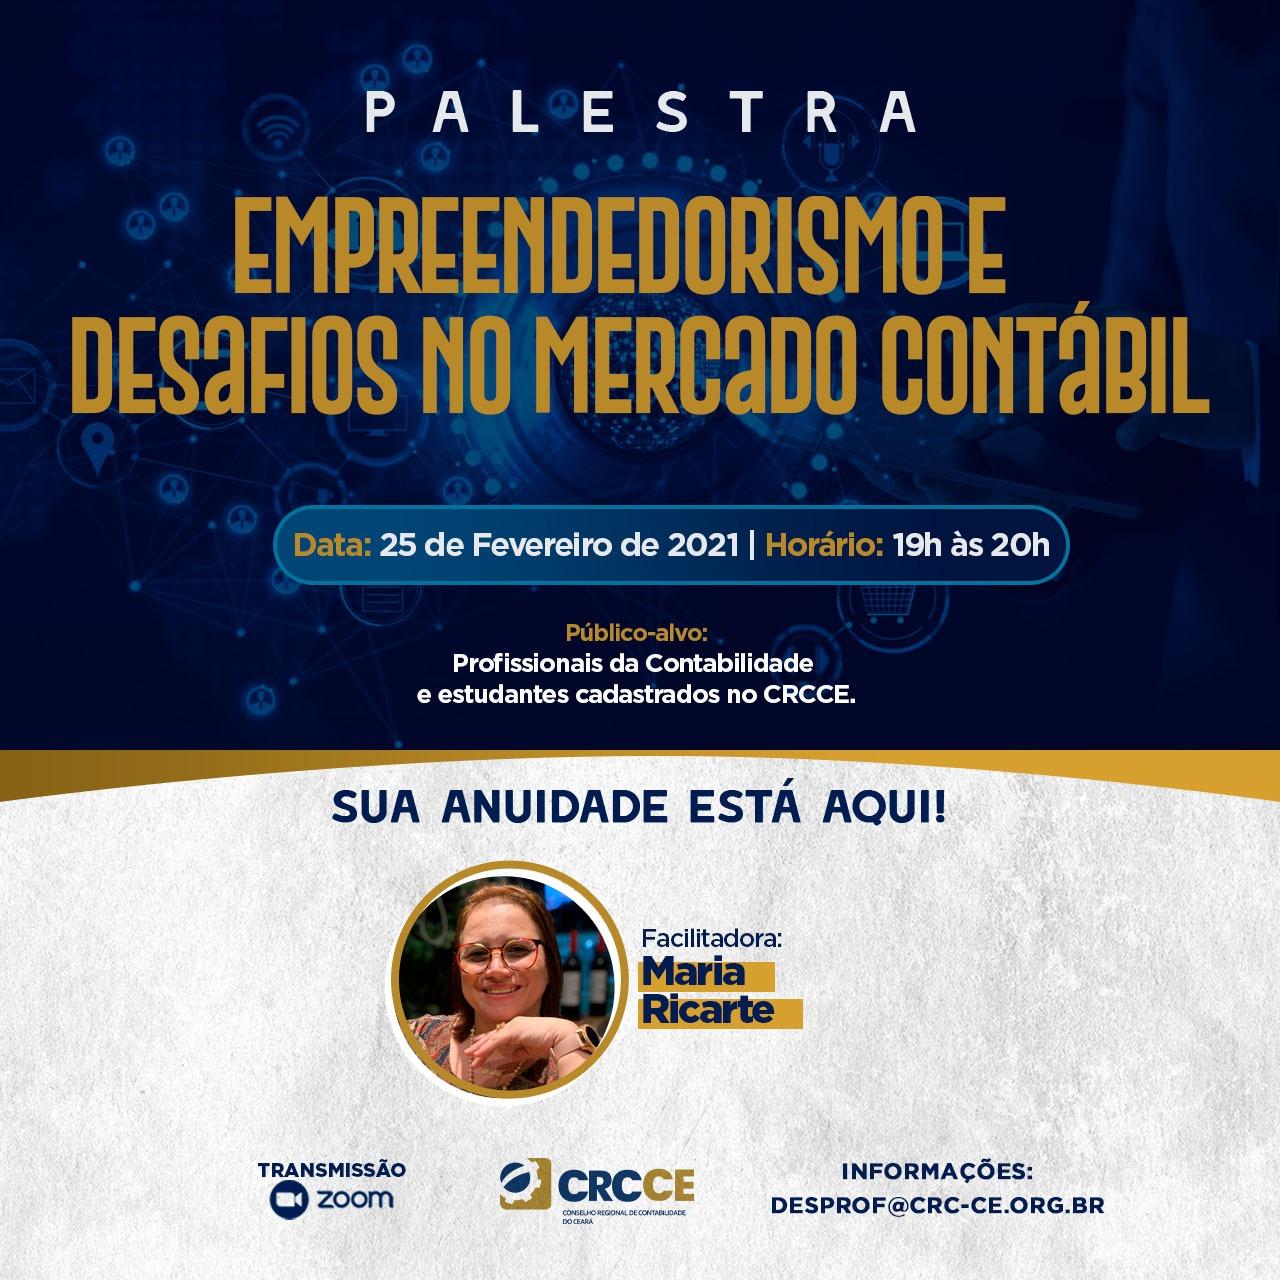 Palestra Empreendedorismo e desafios no mercado Contábil – 25.02.2021 – 19h a 20h